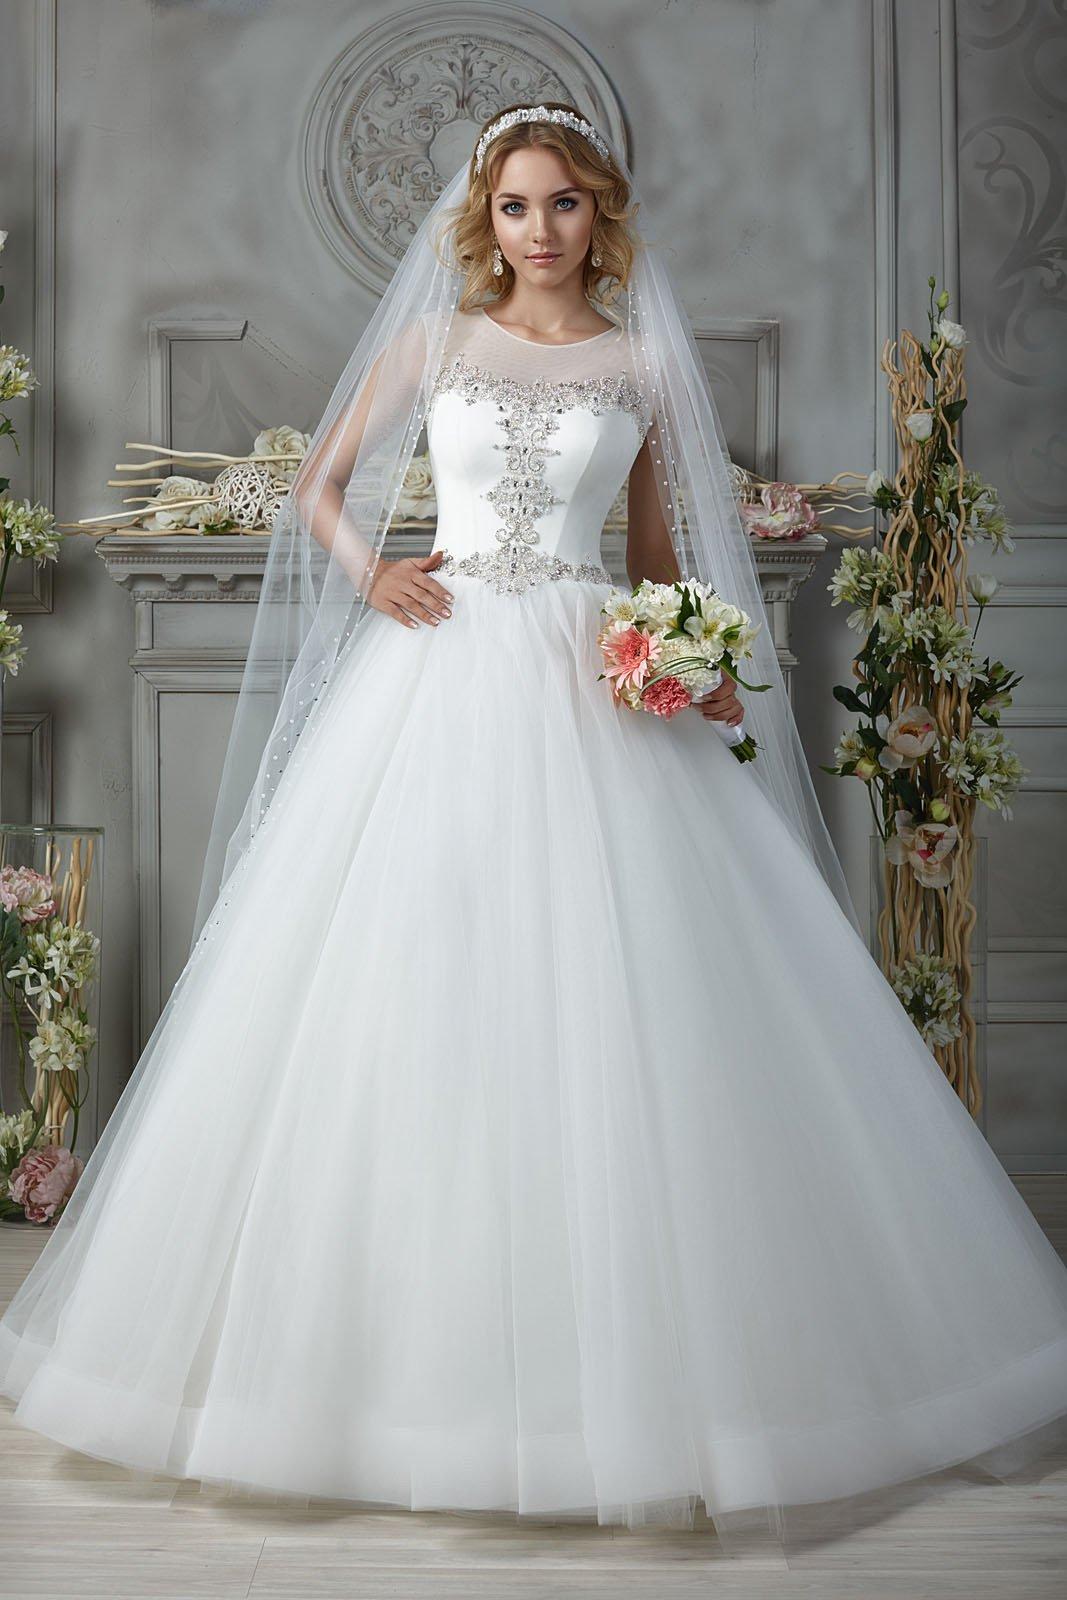 Закрытое свадебное платье со сверкающей бисерной вышивкой на корсете.